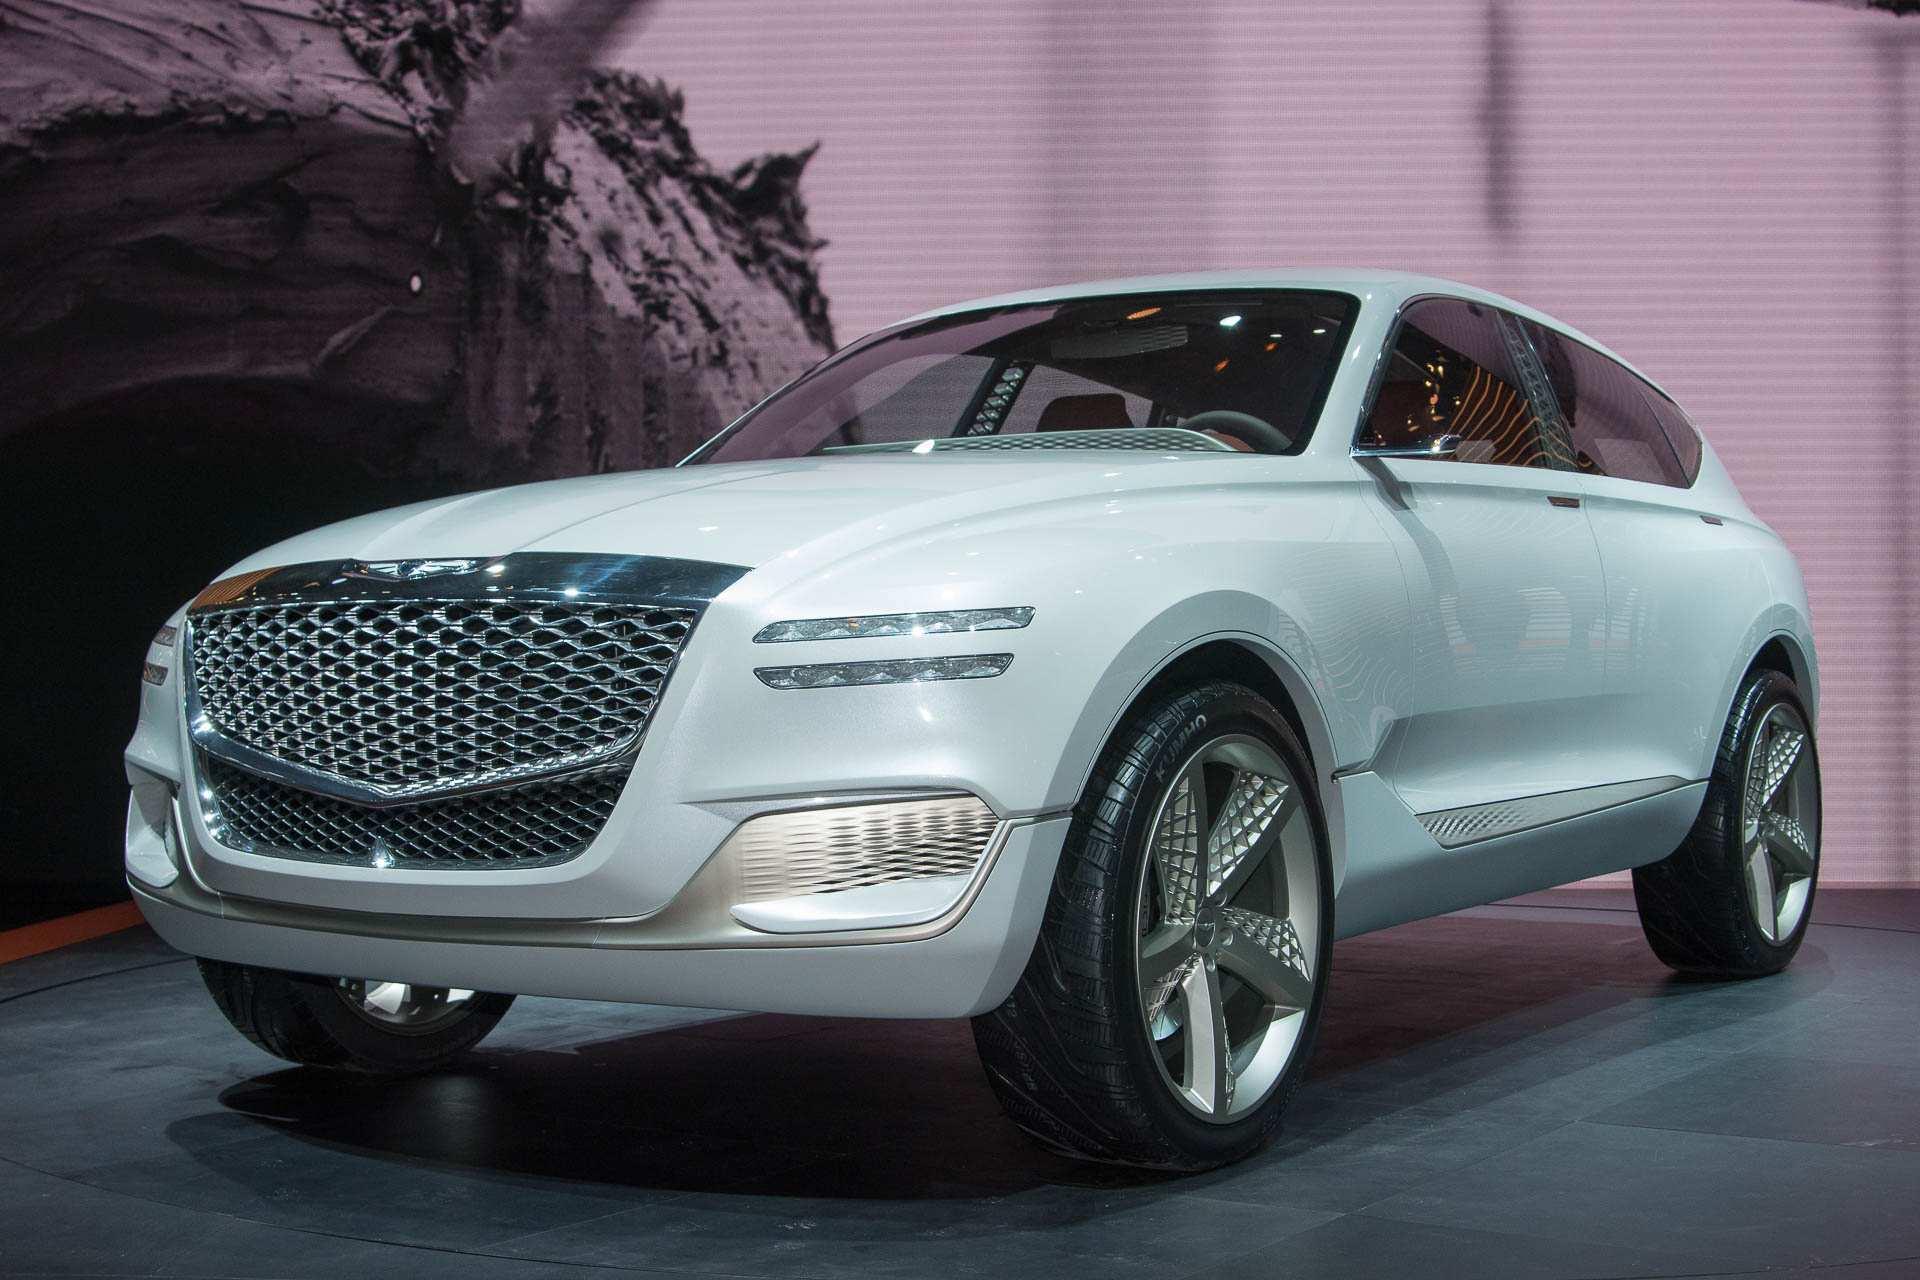 57 Great 2020 Hyundai Genesis Suv Concept for 2020 Hyundai Genesis Suv